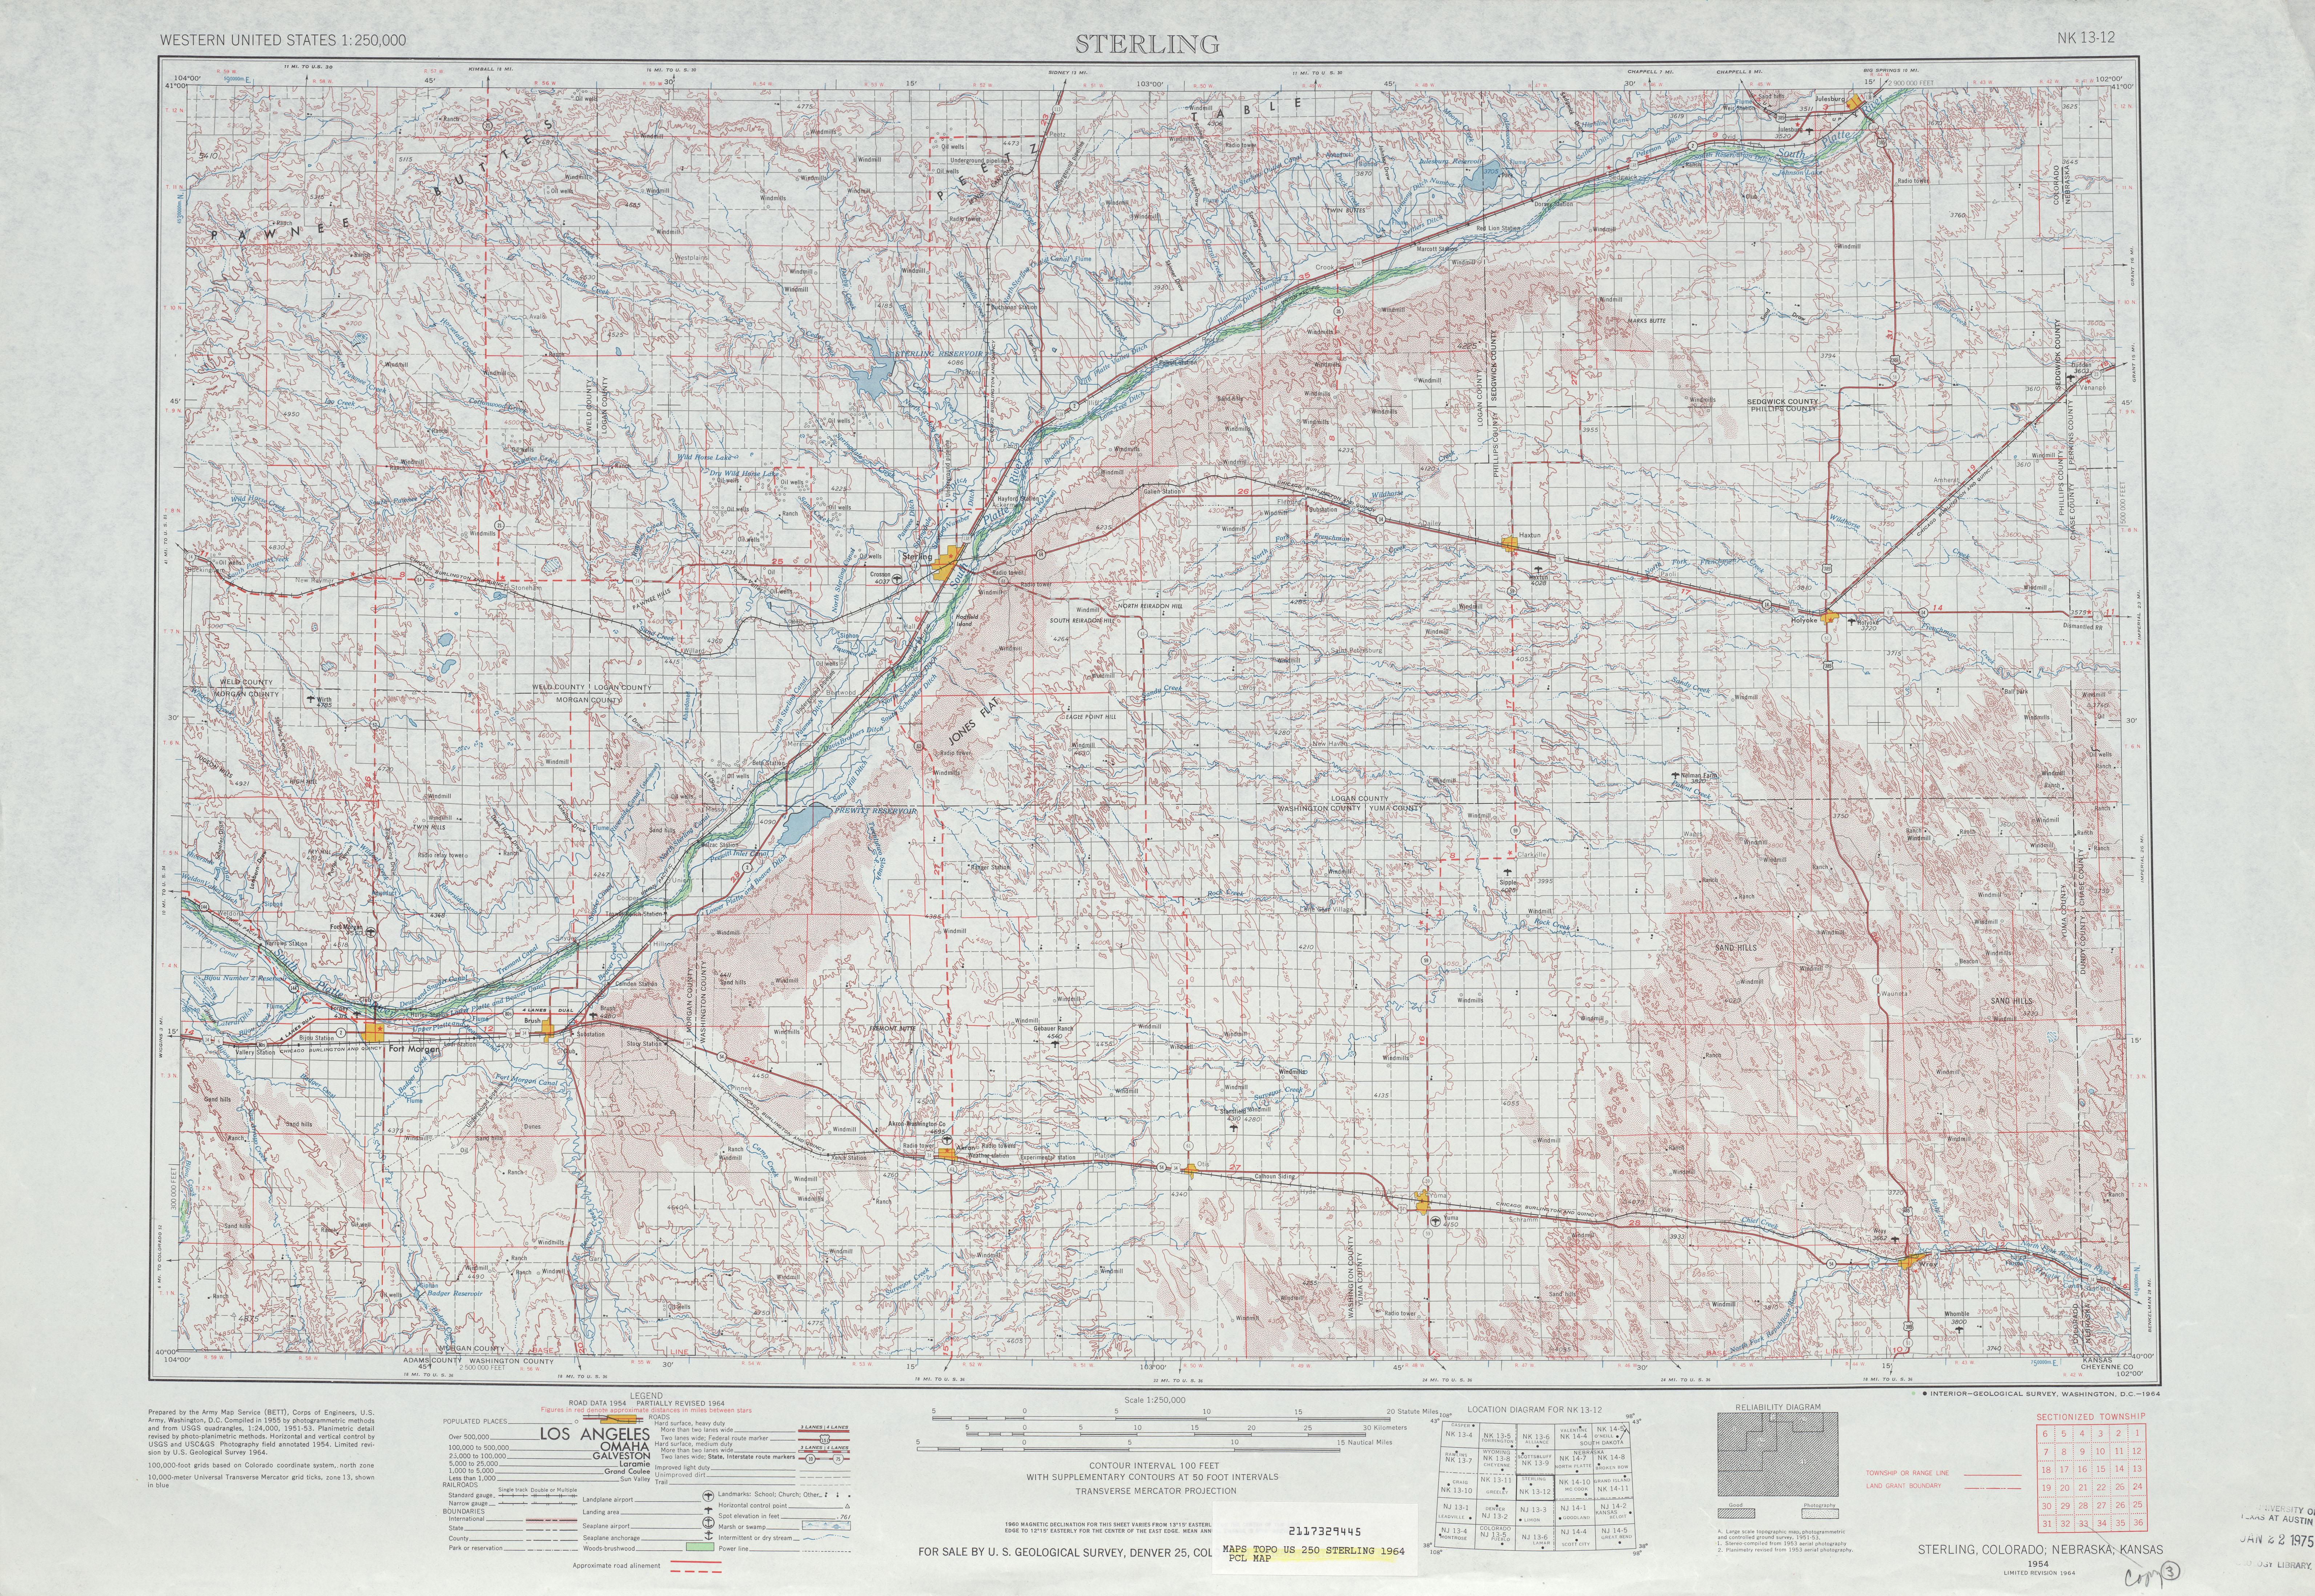 Hoja Sterling del Mapa Topográfico de los Estados Unidos 1964